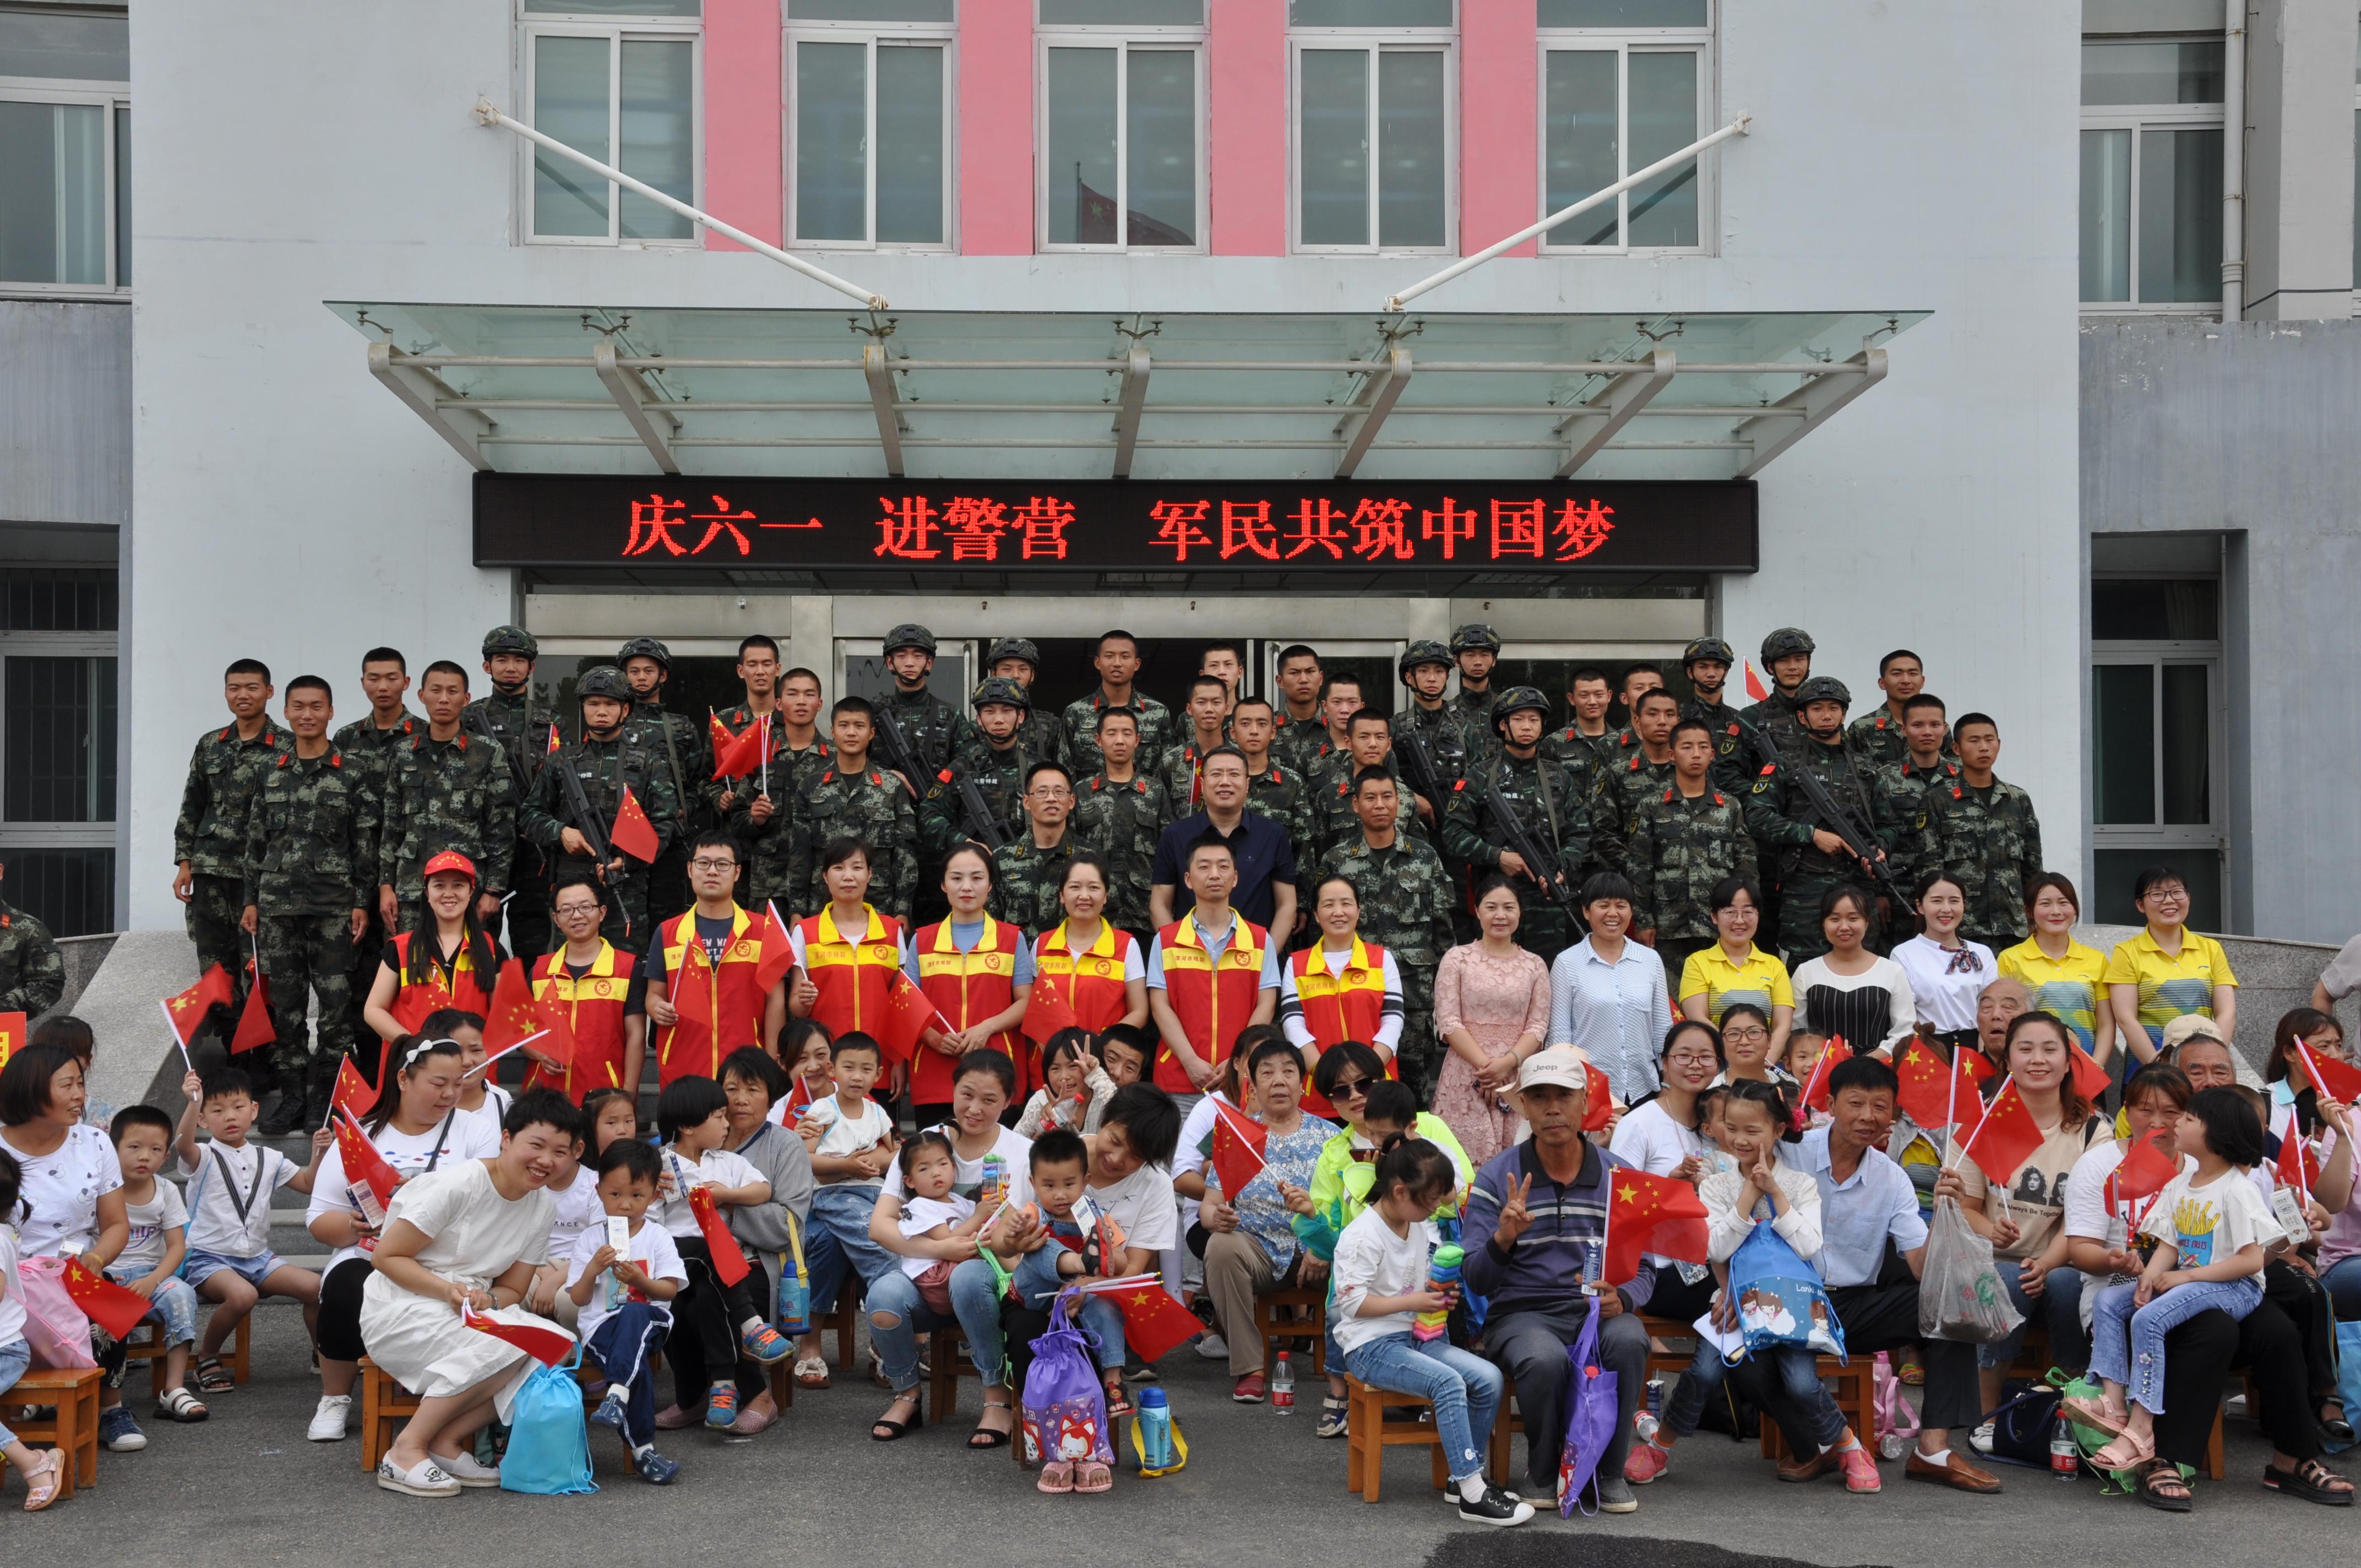 漯河市残联举办军民共筑中国梦联欢活动